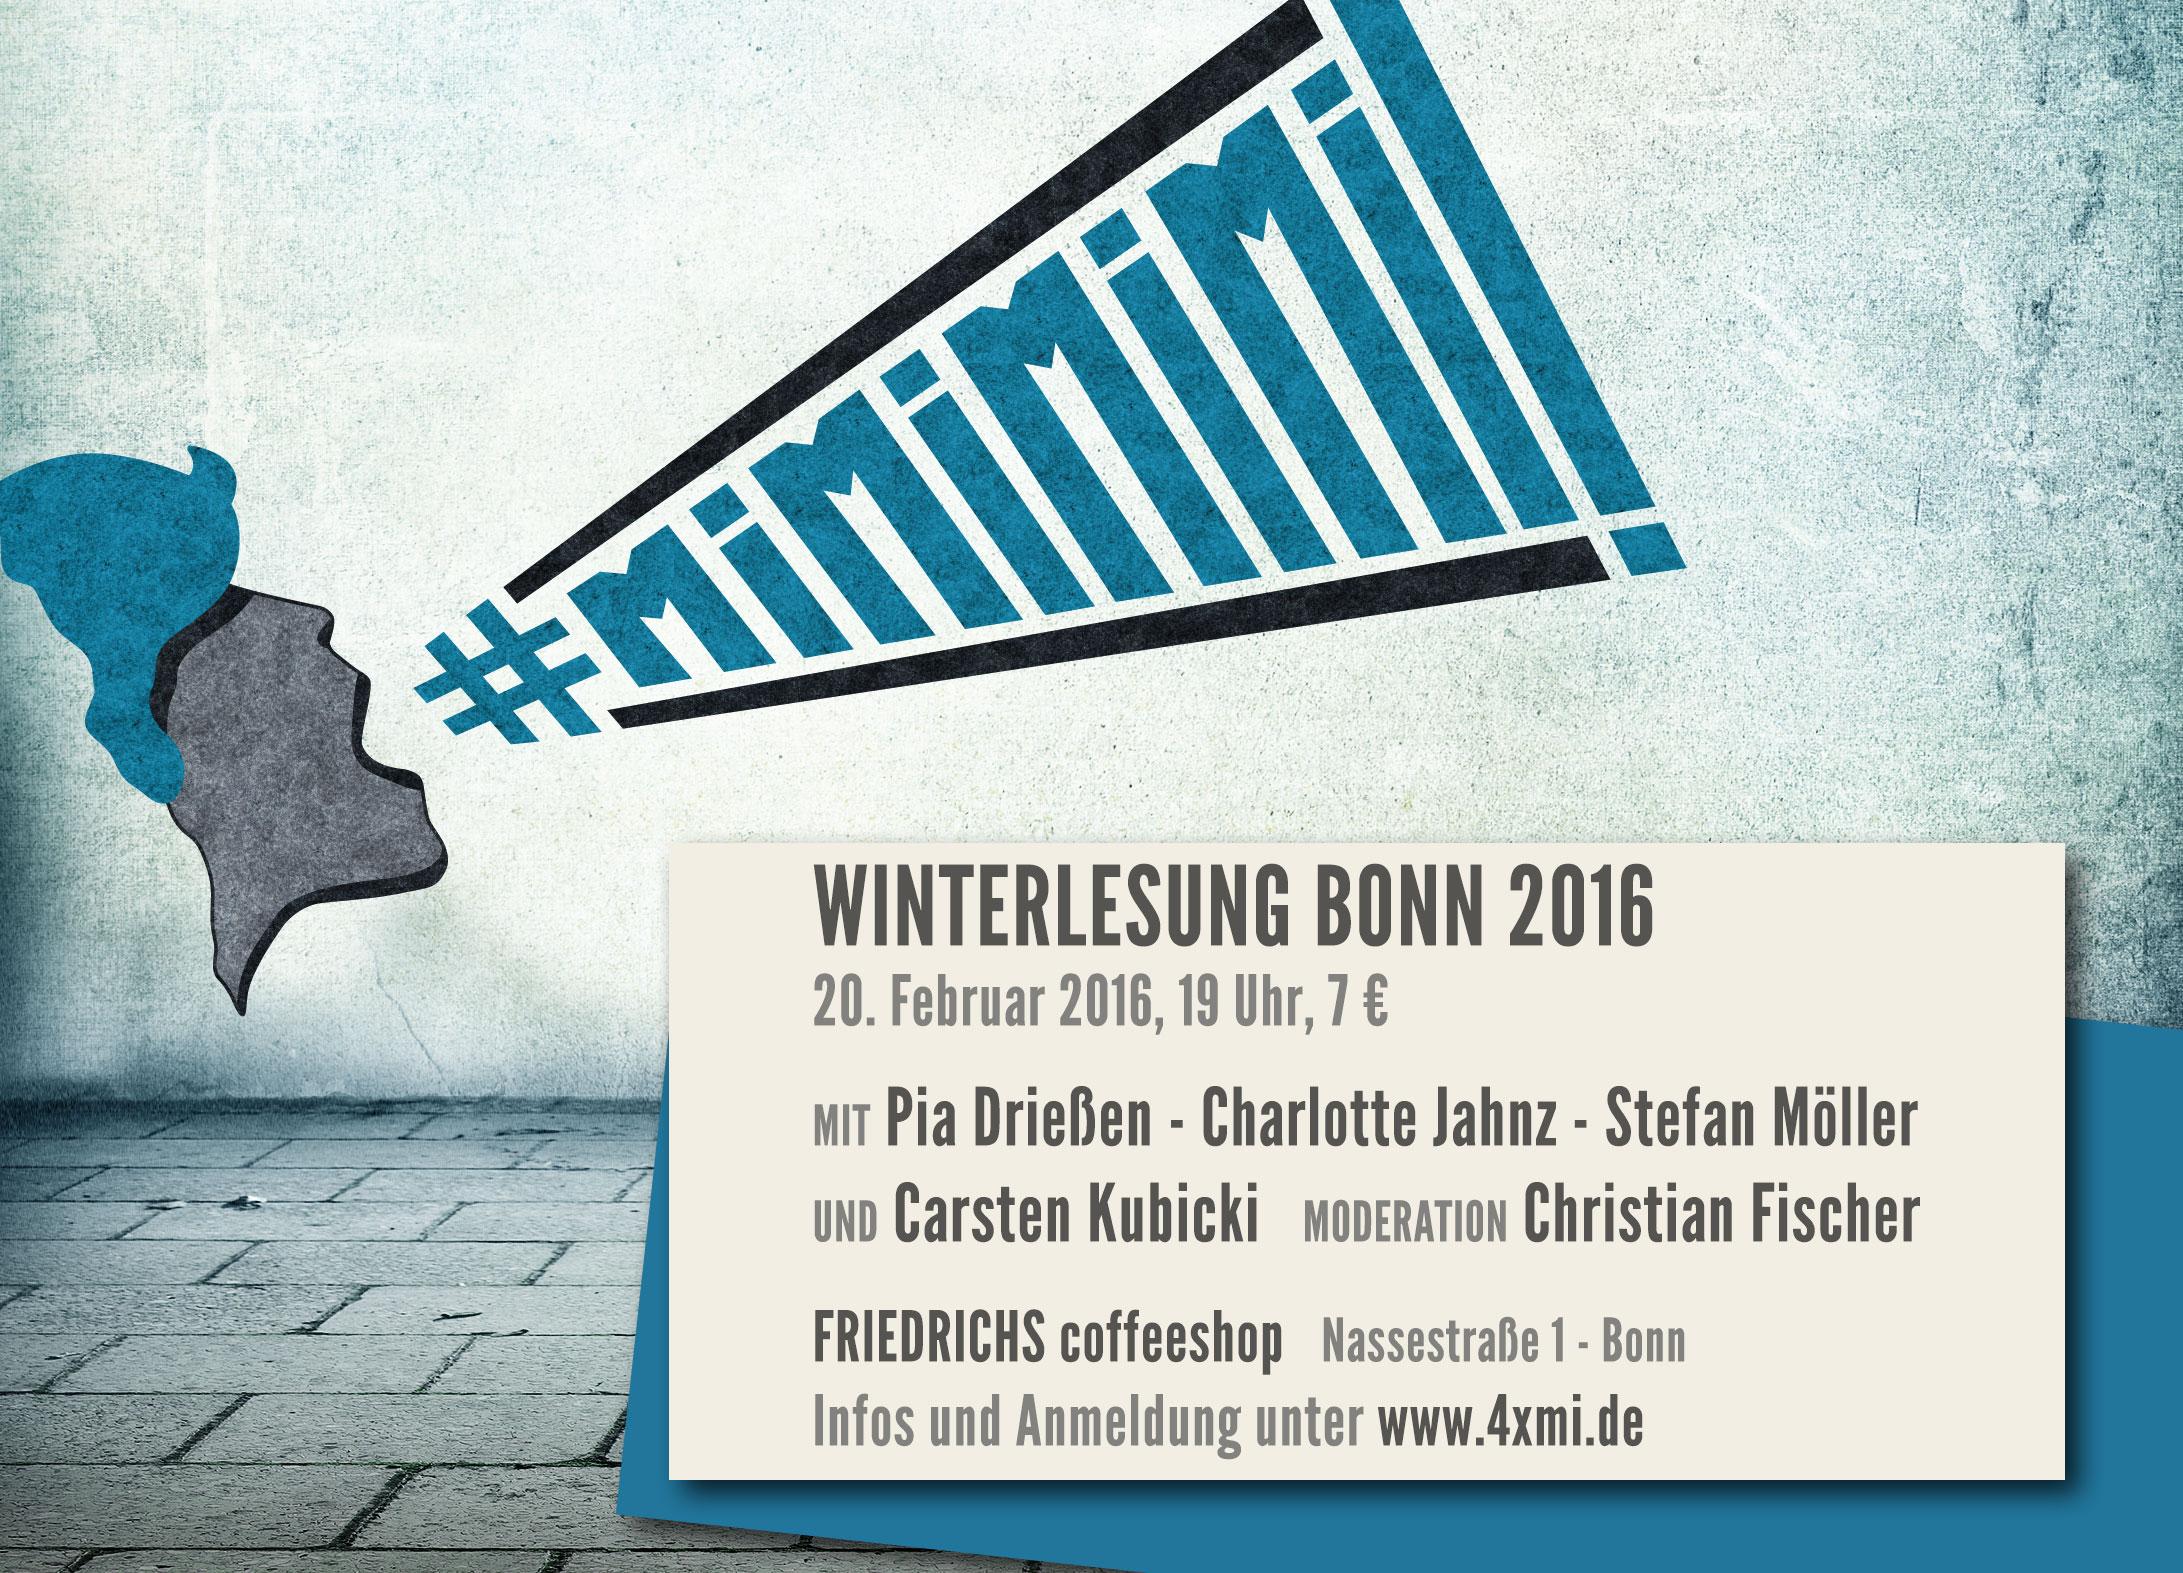 Winterlesung Bonn 2016